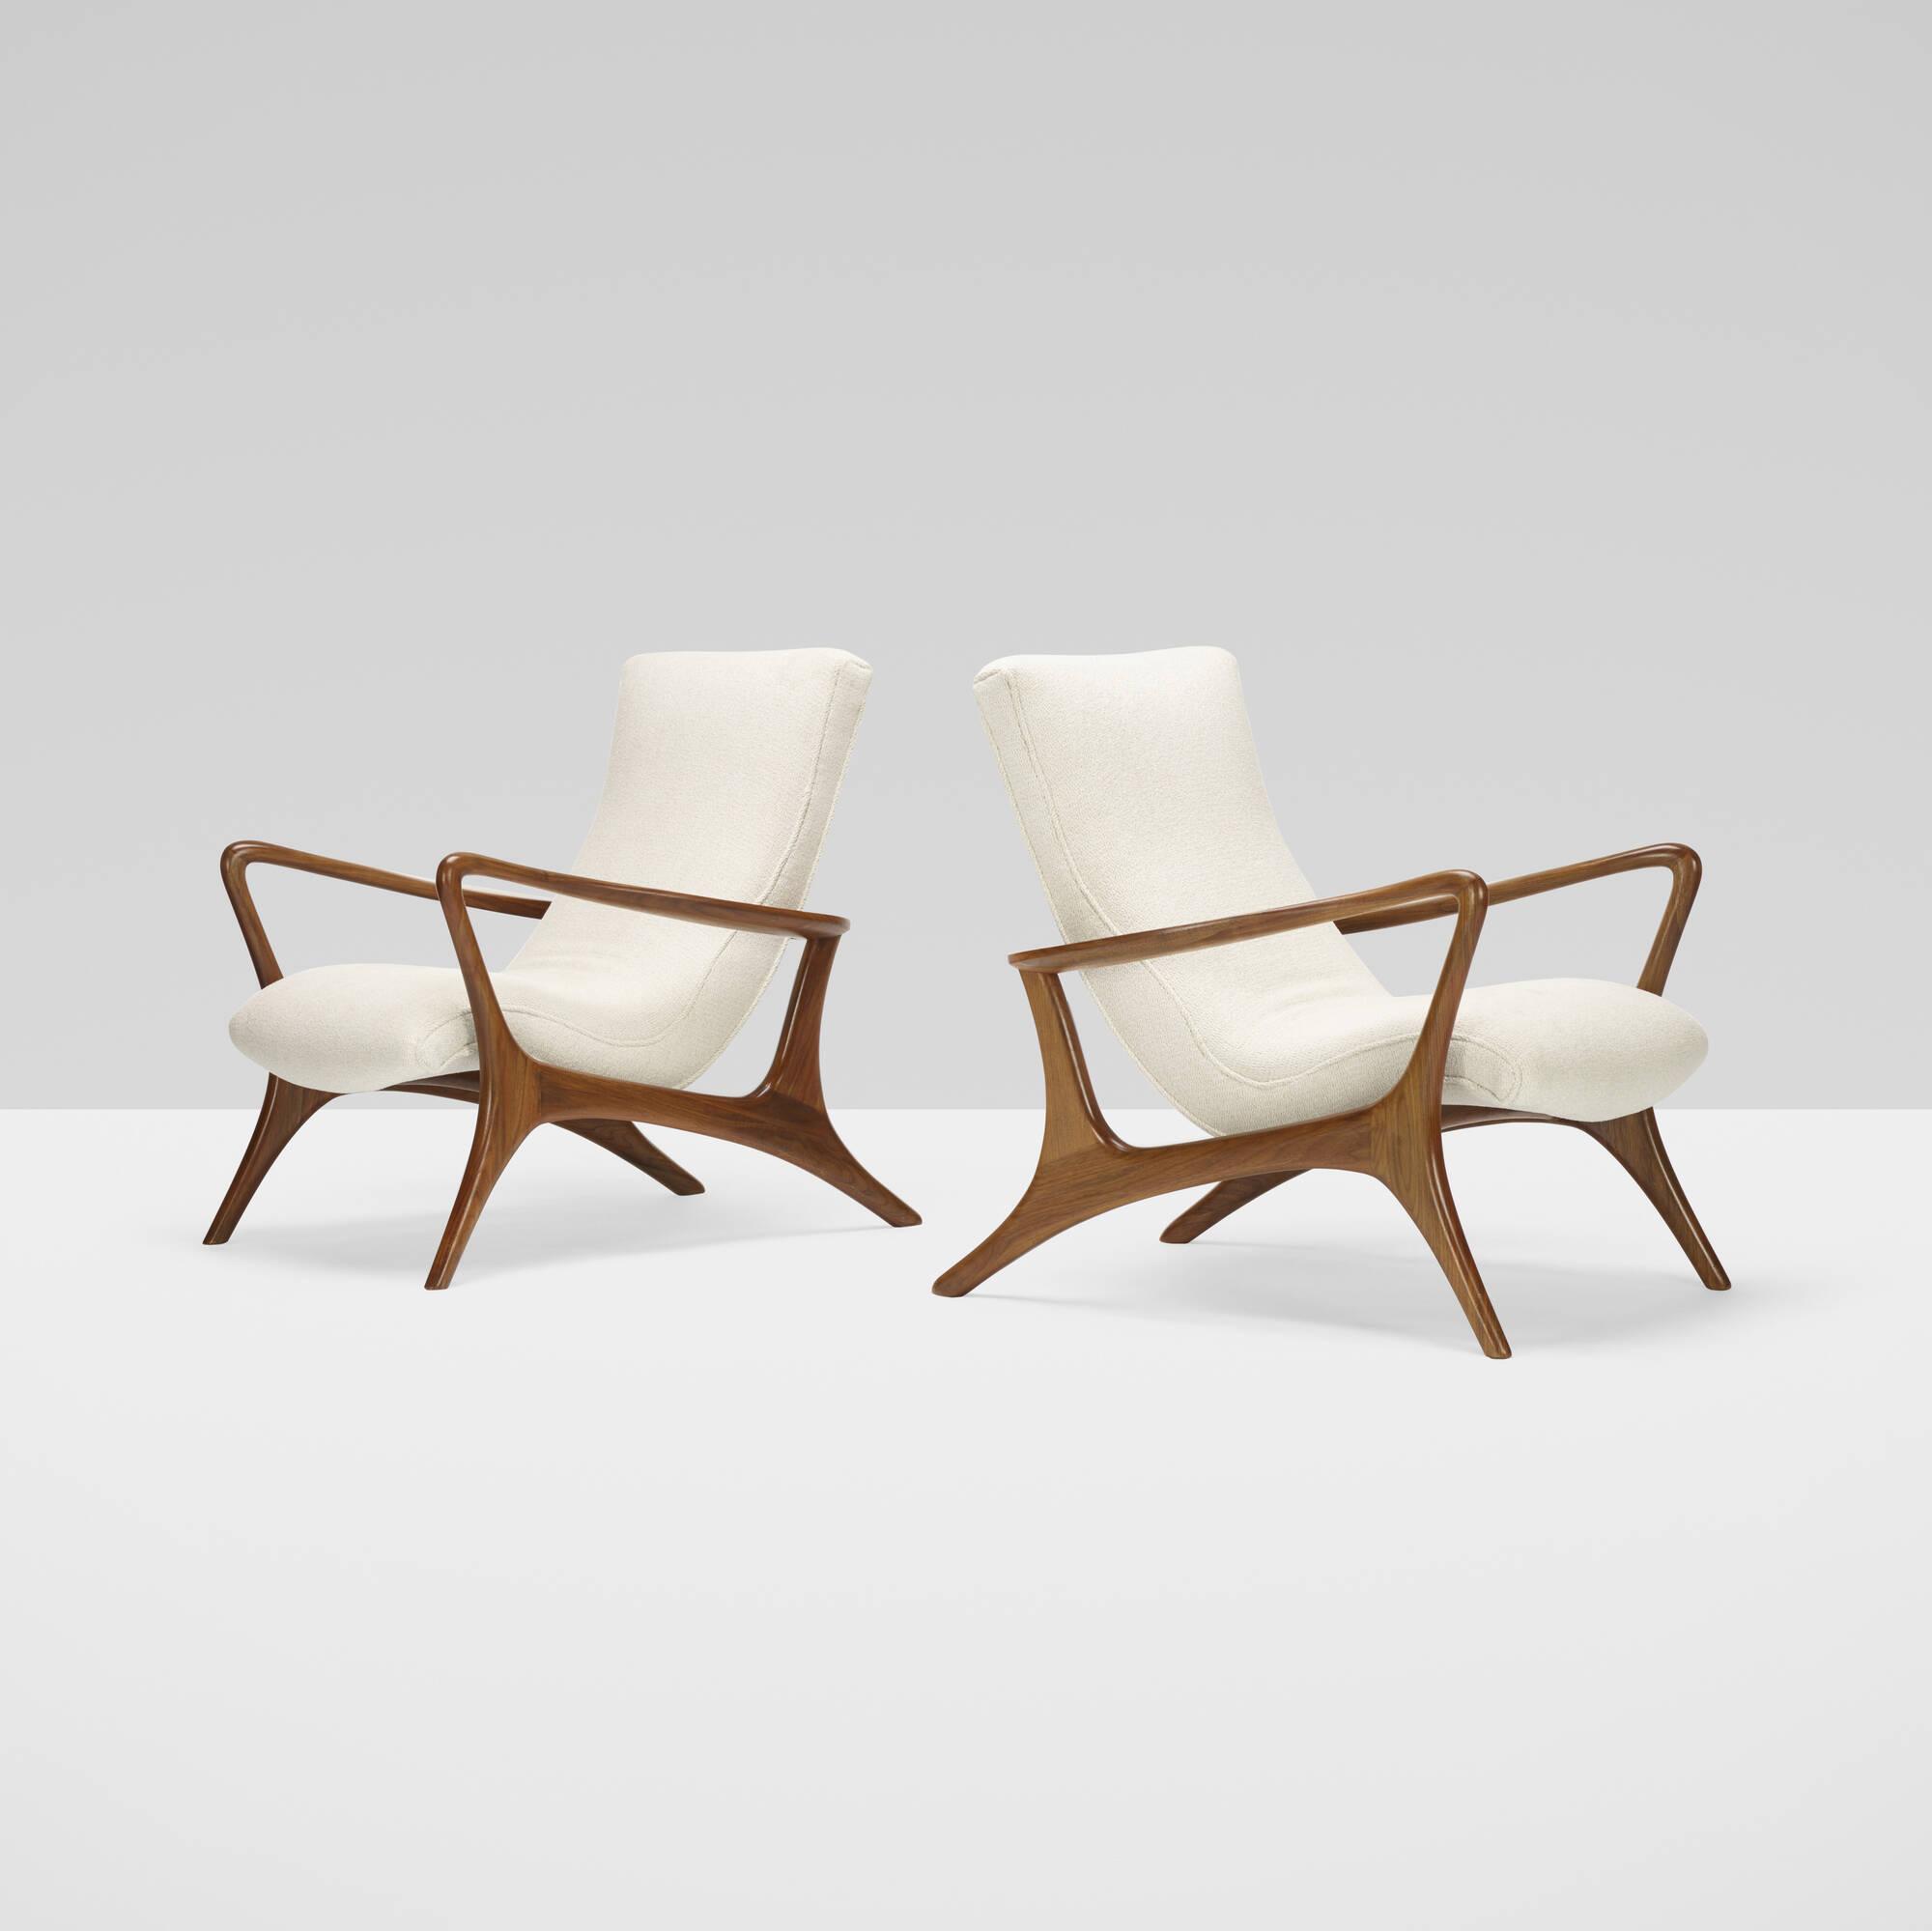 410: Vladimir Kagan / Contour lounge chairs, pair (2 of 4)